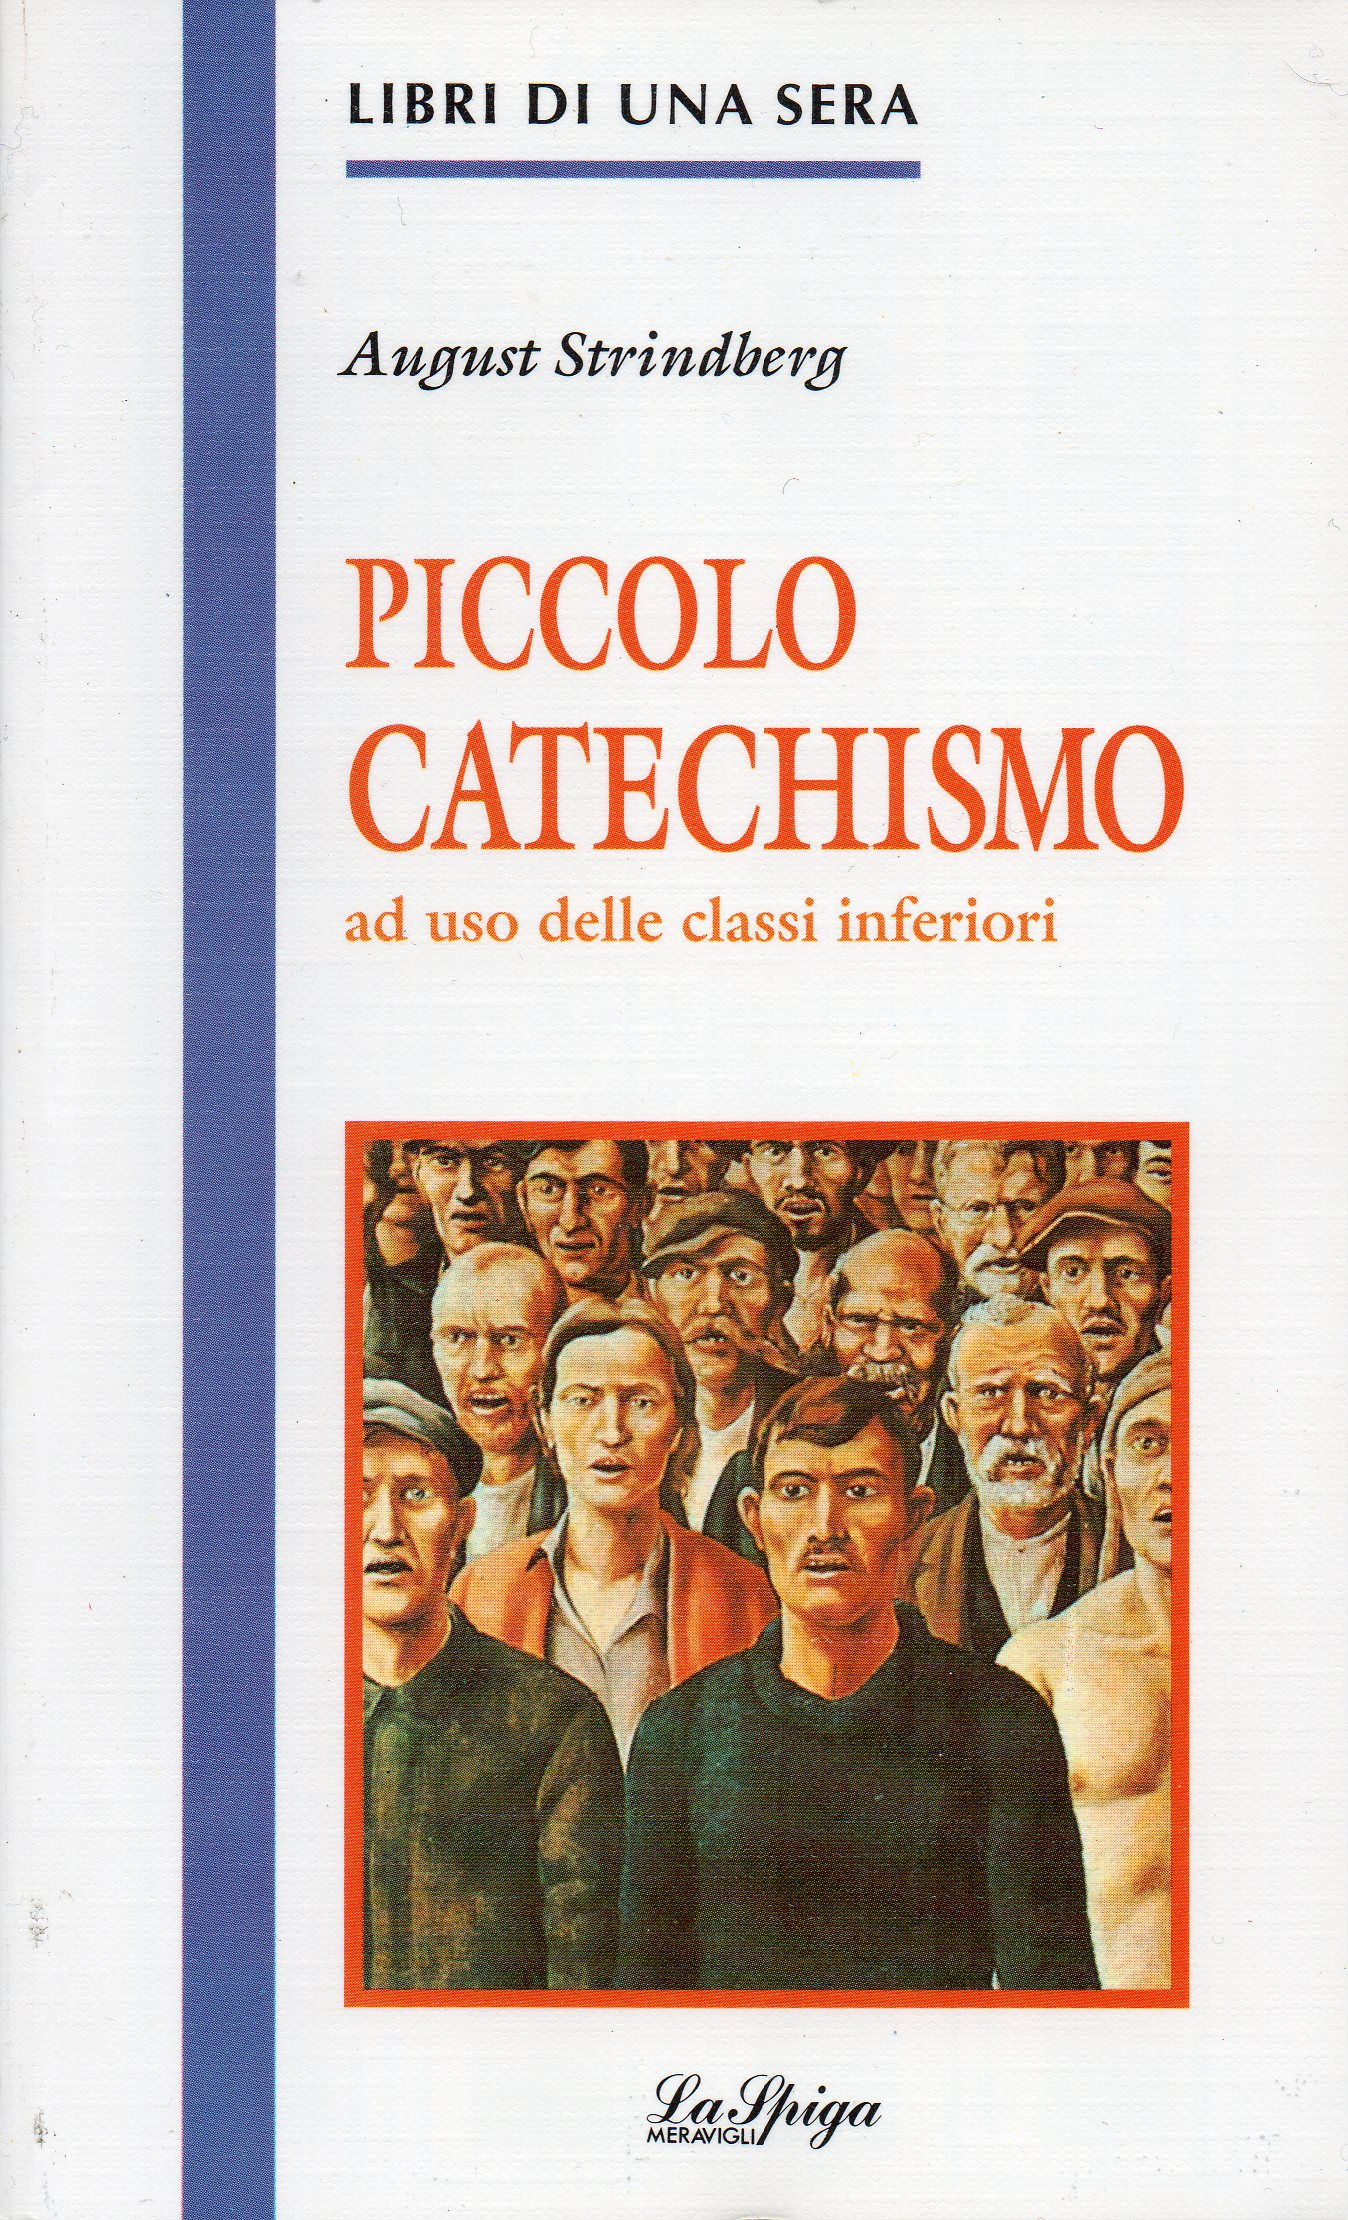 Piccolo catechismo